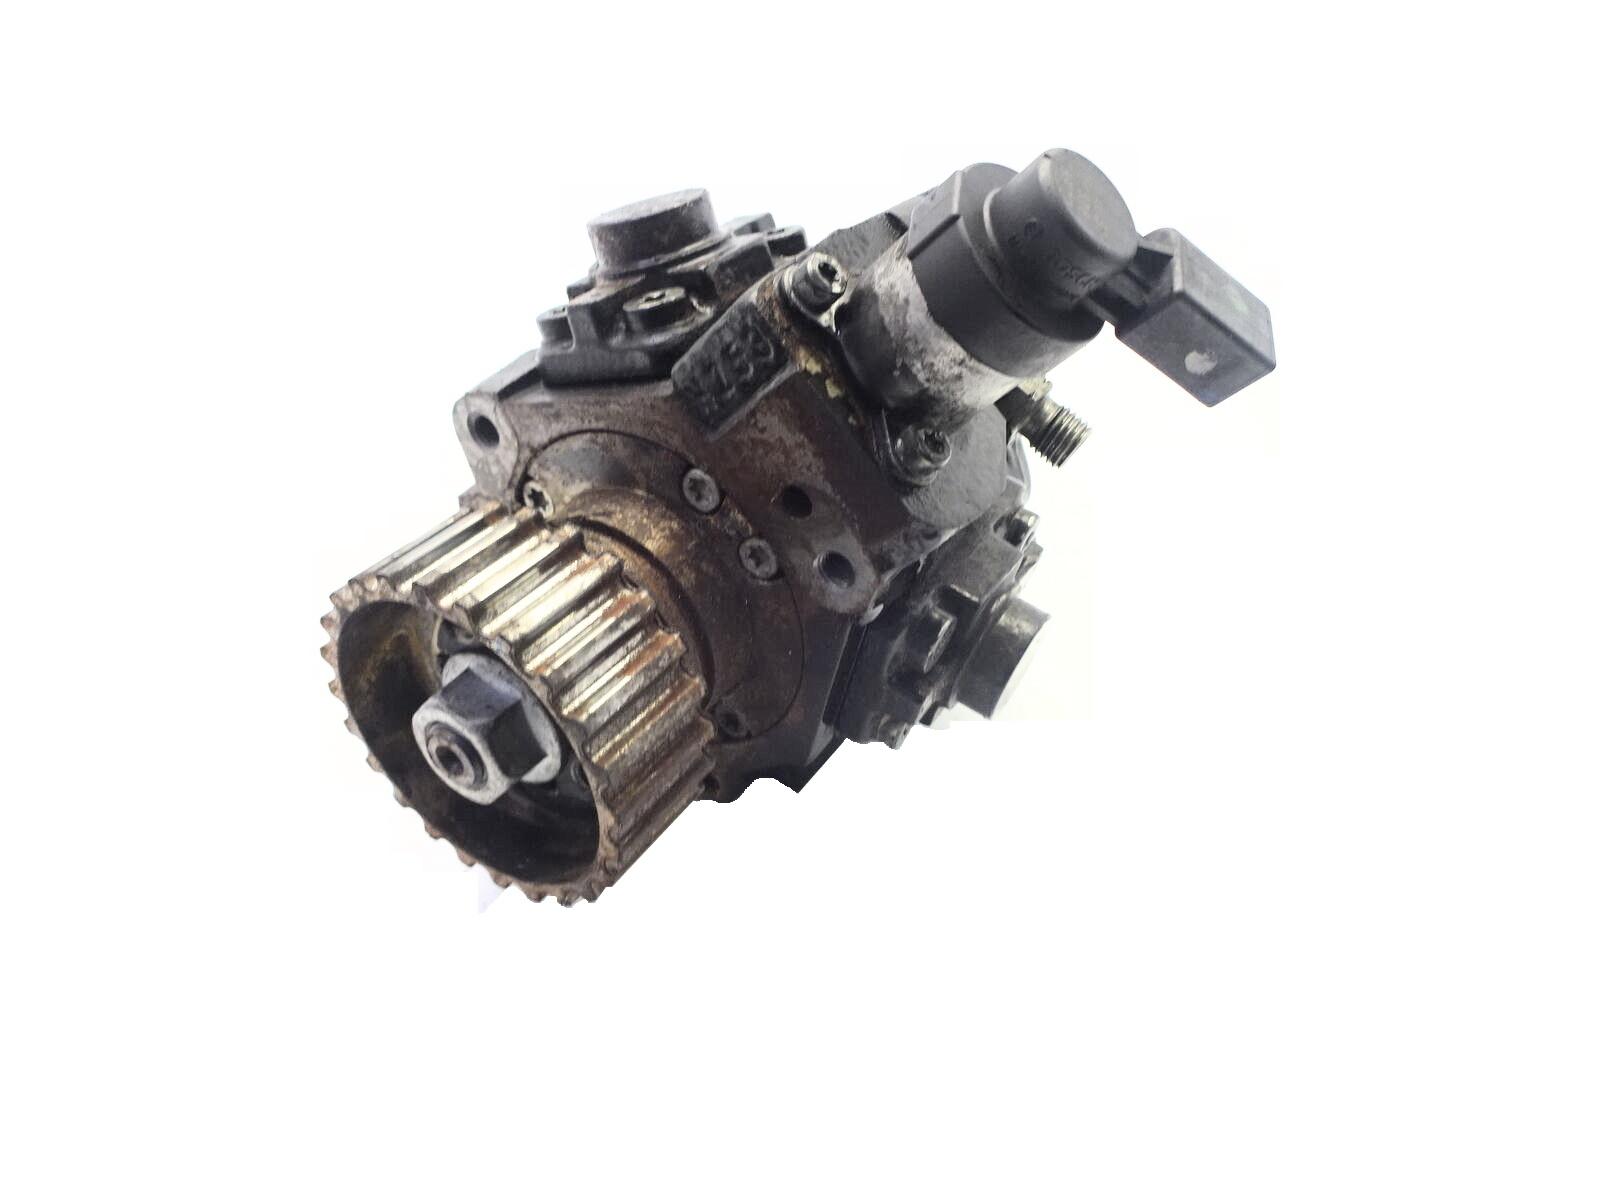 Hochdruckpumpe Audi VW 2,7 3,0 TDI 059130755S 0445010331 0986437093 059130755L